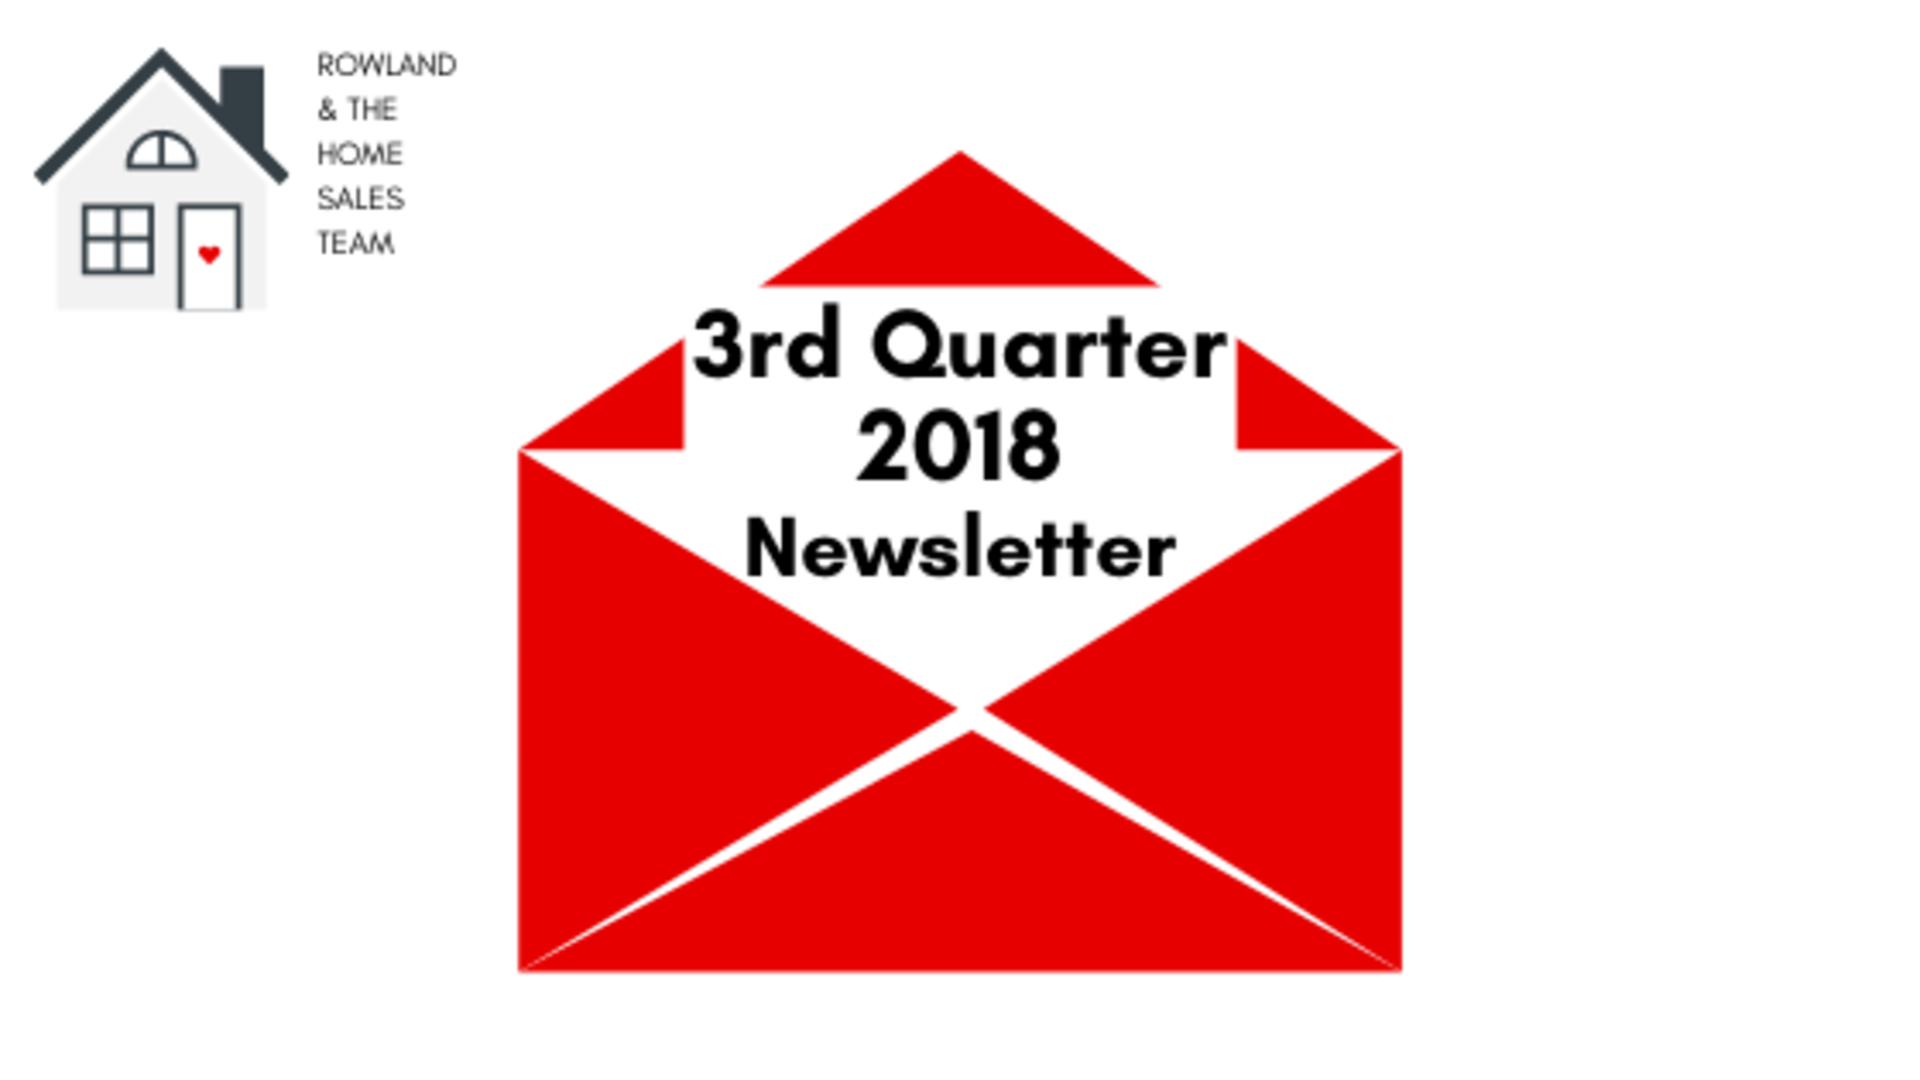 3rd Quarter 2018 Newsletter